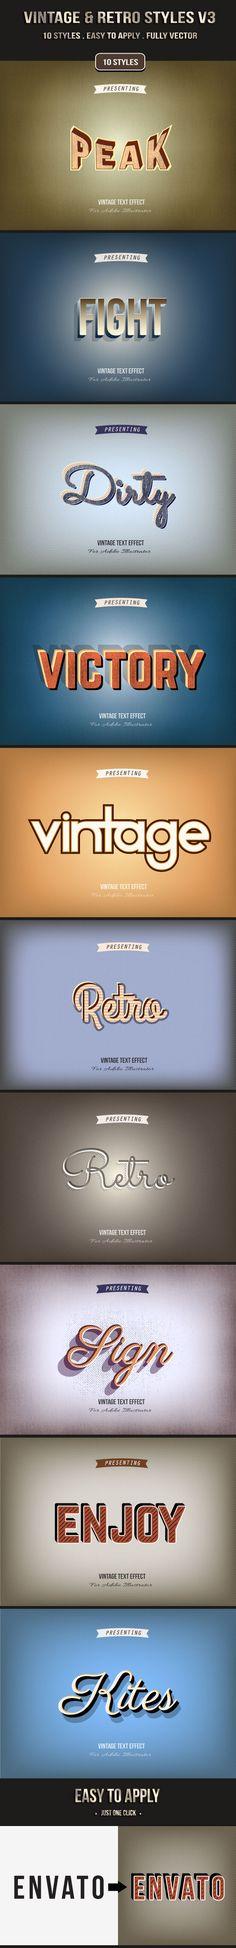 Vintage & Retro Styles V3 - Styles Illustrator